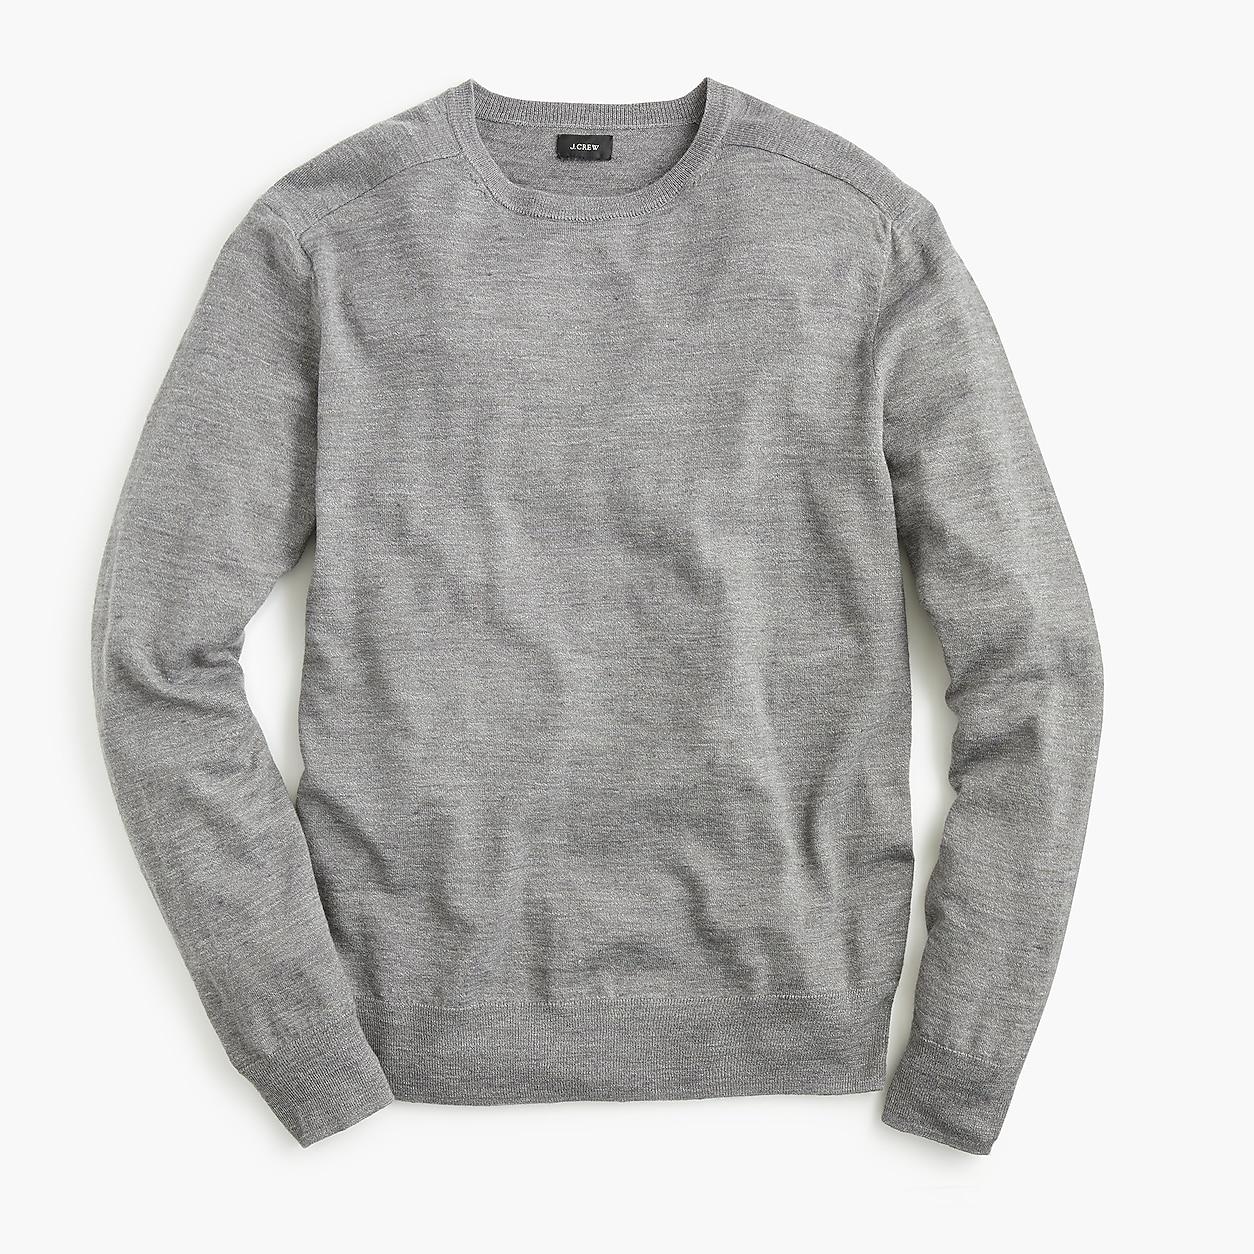 0d6d81bbe31 Cotton-Linen Blend Heather Crewneck Sweater. Cotton-Linen Blend Heather  Crewneck Sweater Men s Sweaters ...